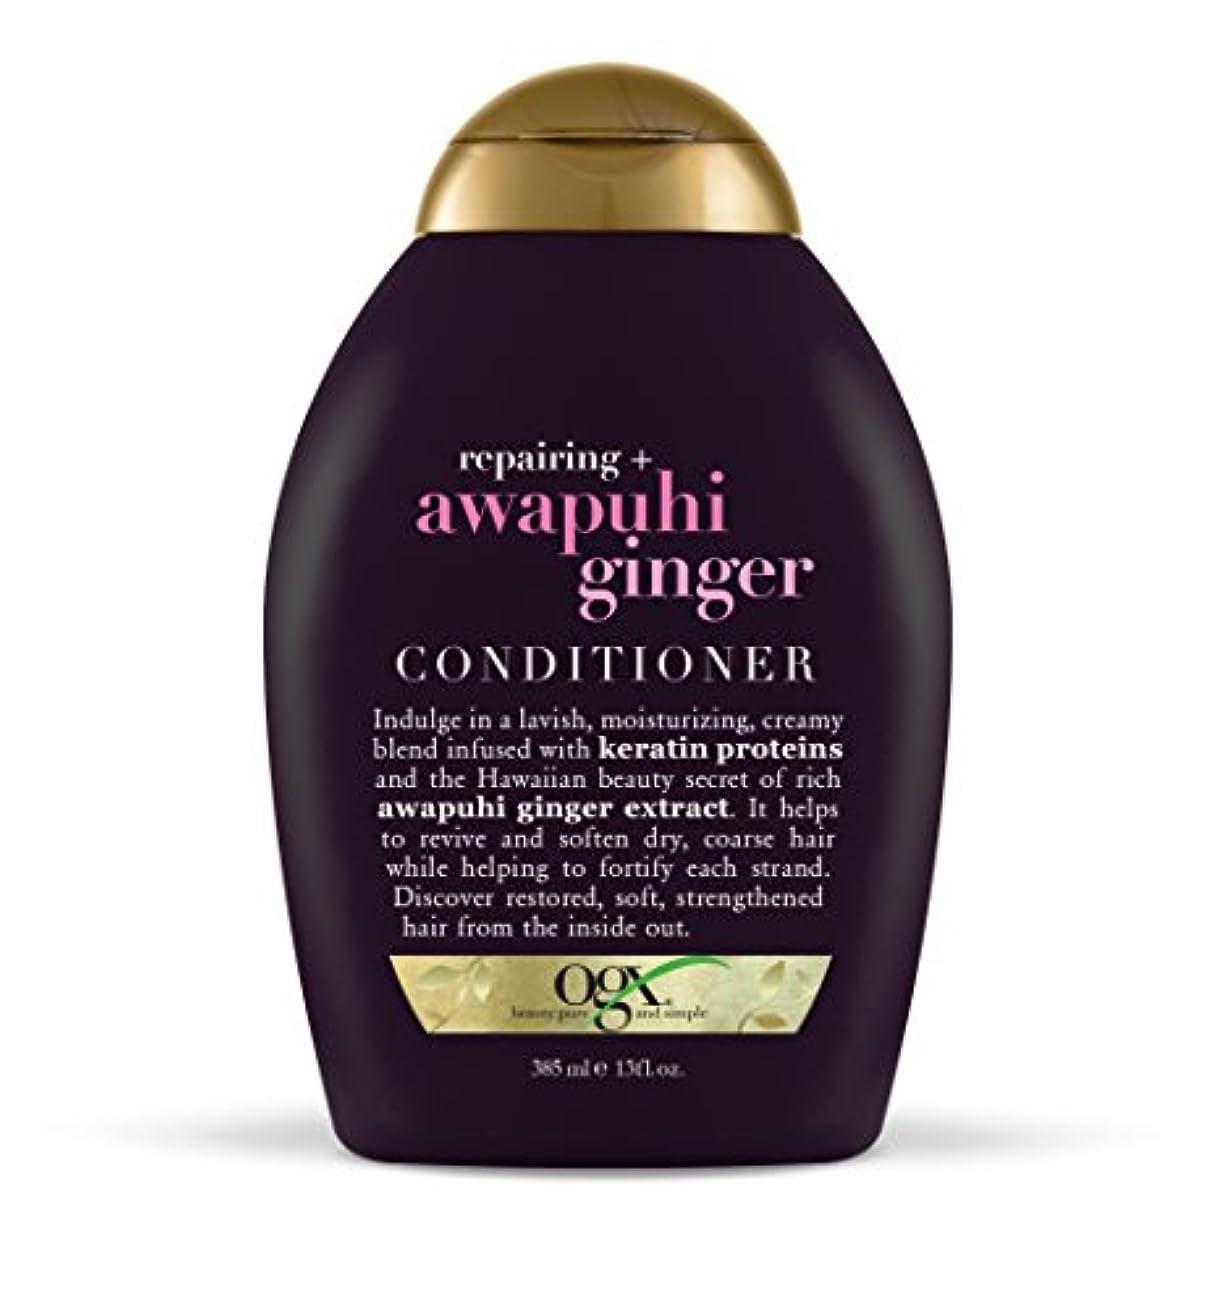 クローン層ステッチOrganix Repairing Awapuhi Ginger Conditioner (並行輸入品)